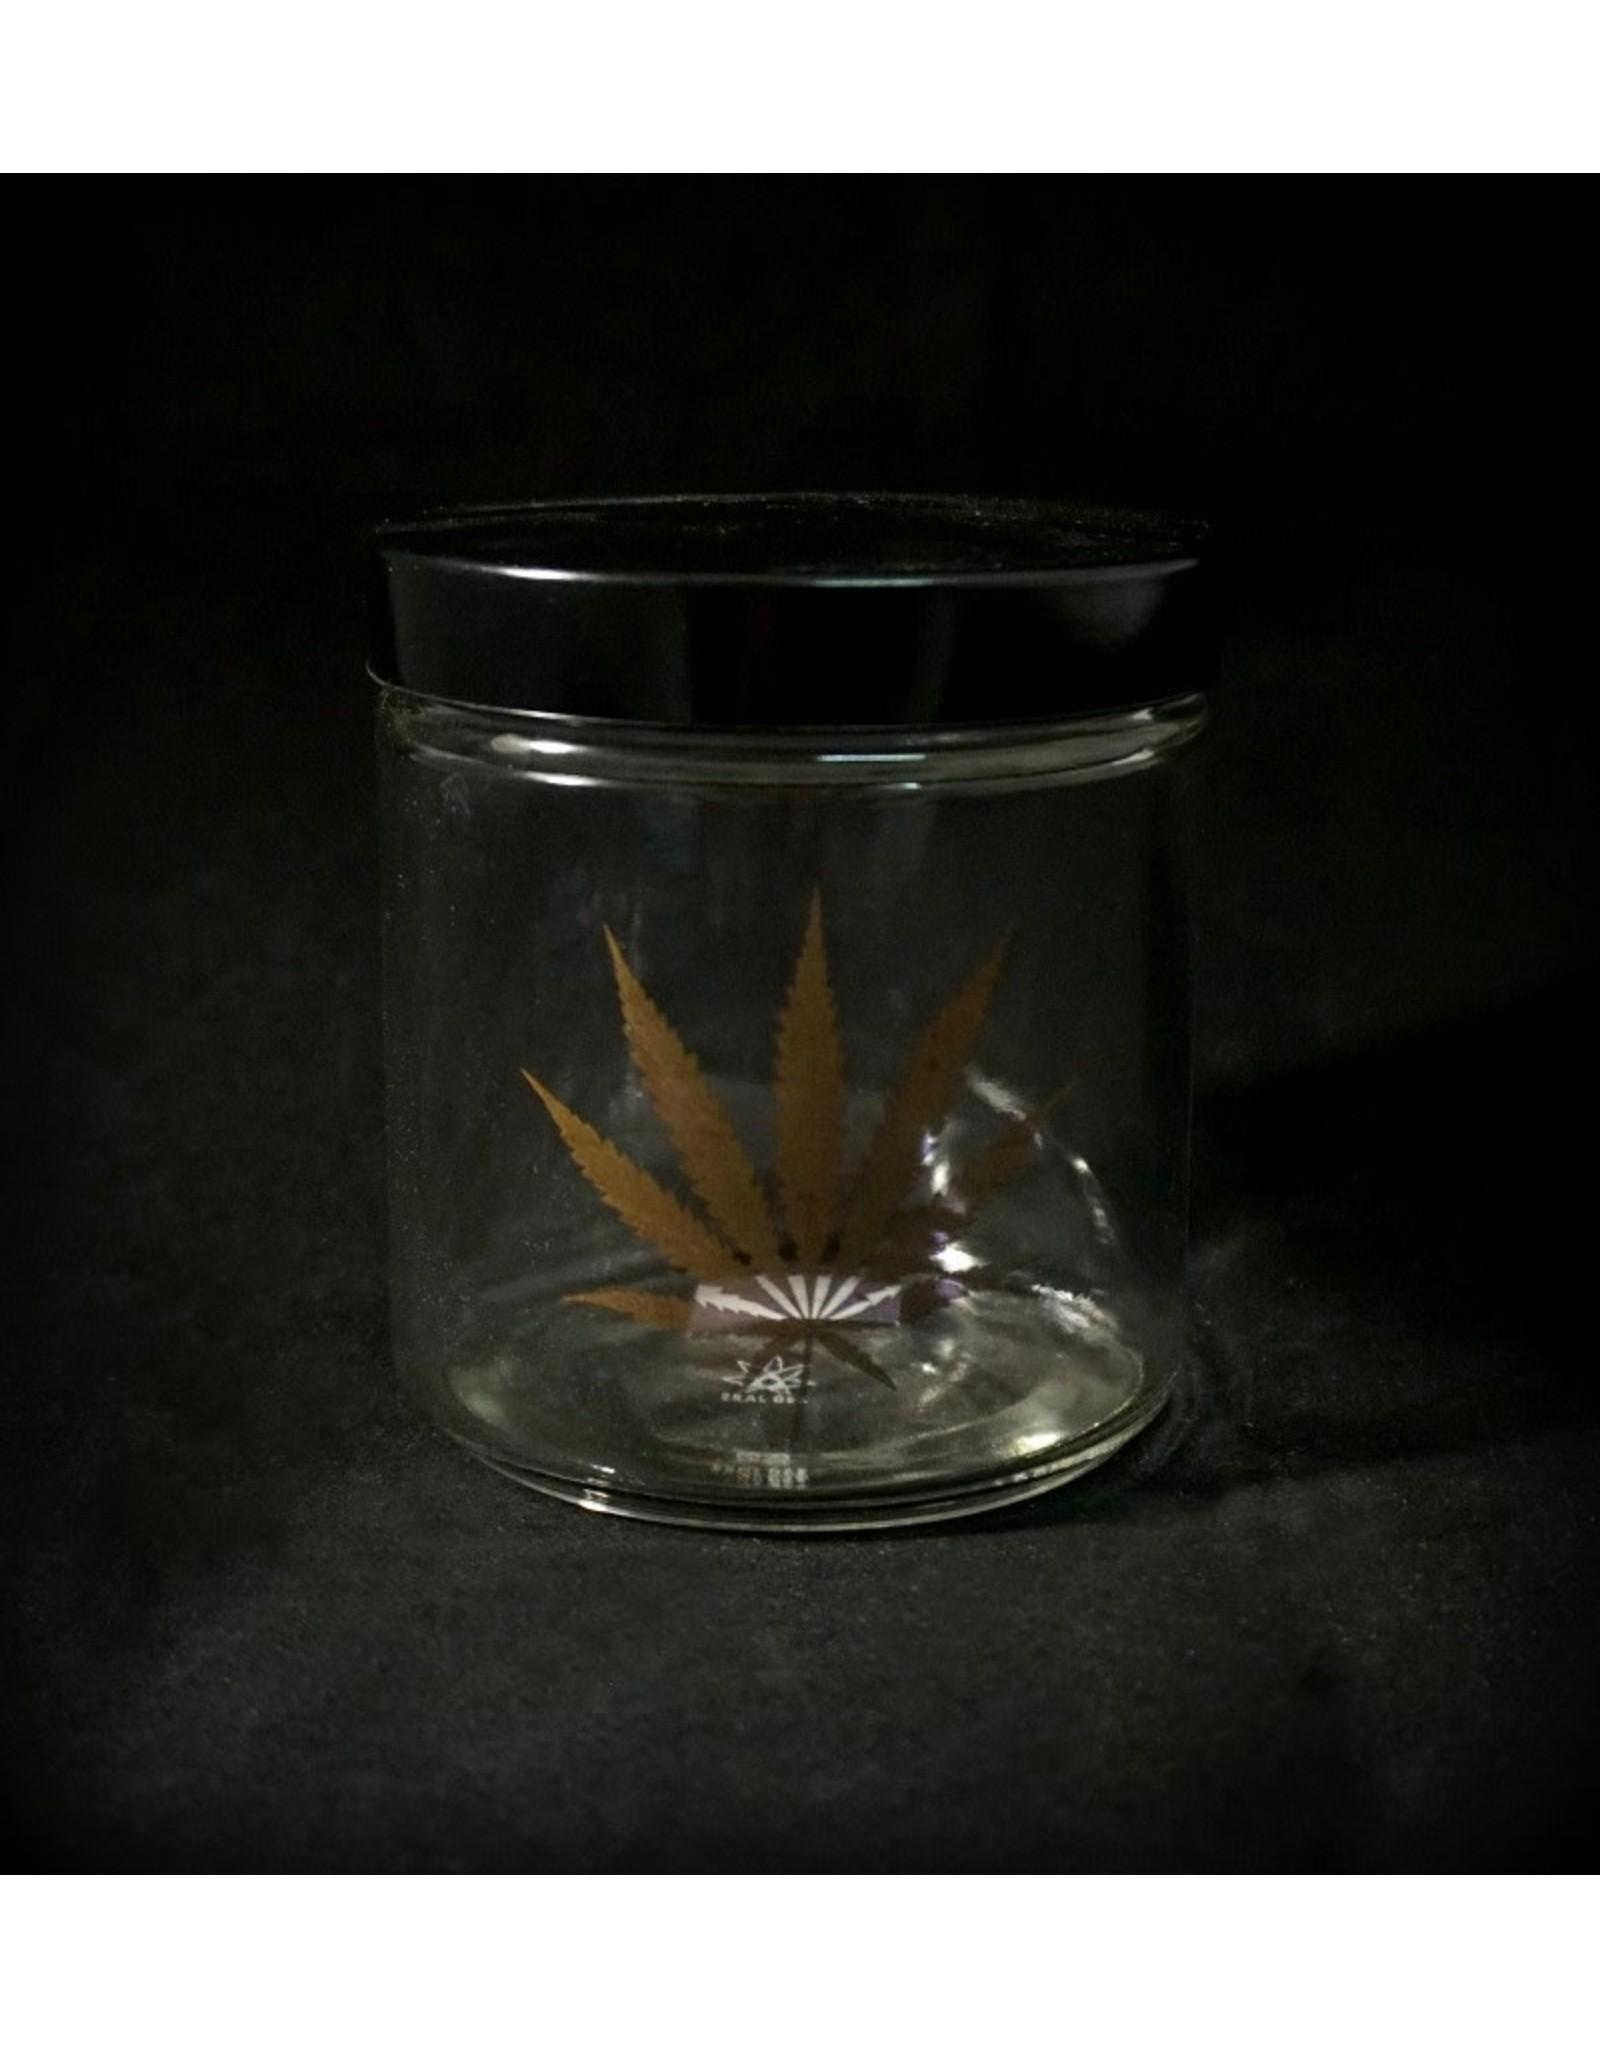 420 Science 420 Science Jars XLarge Gold Leaf Screw Top